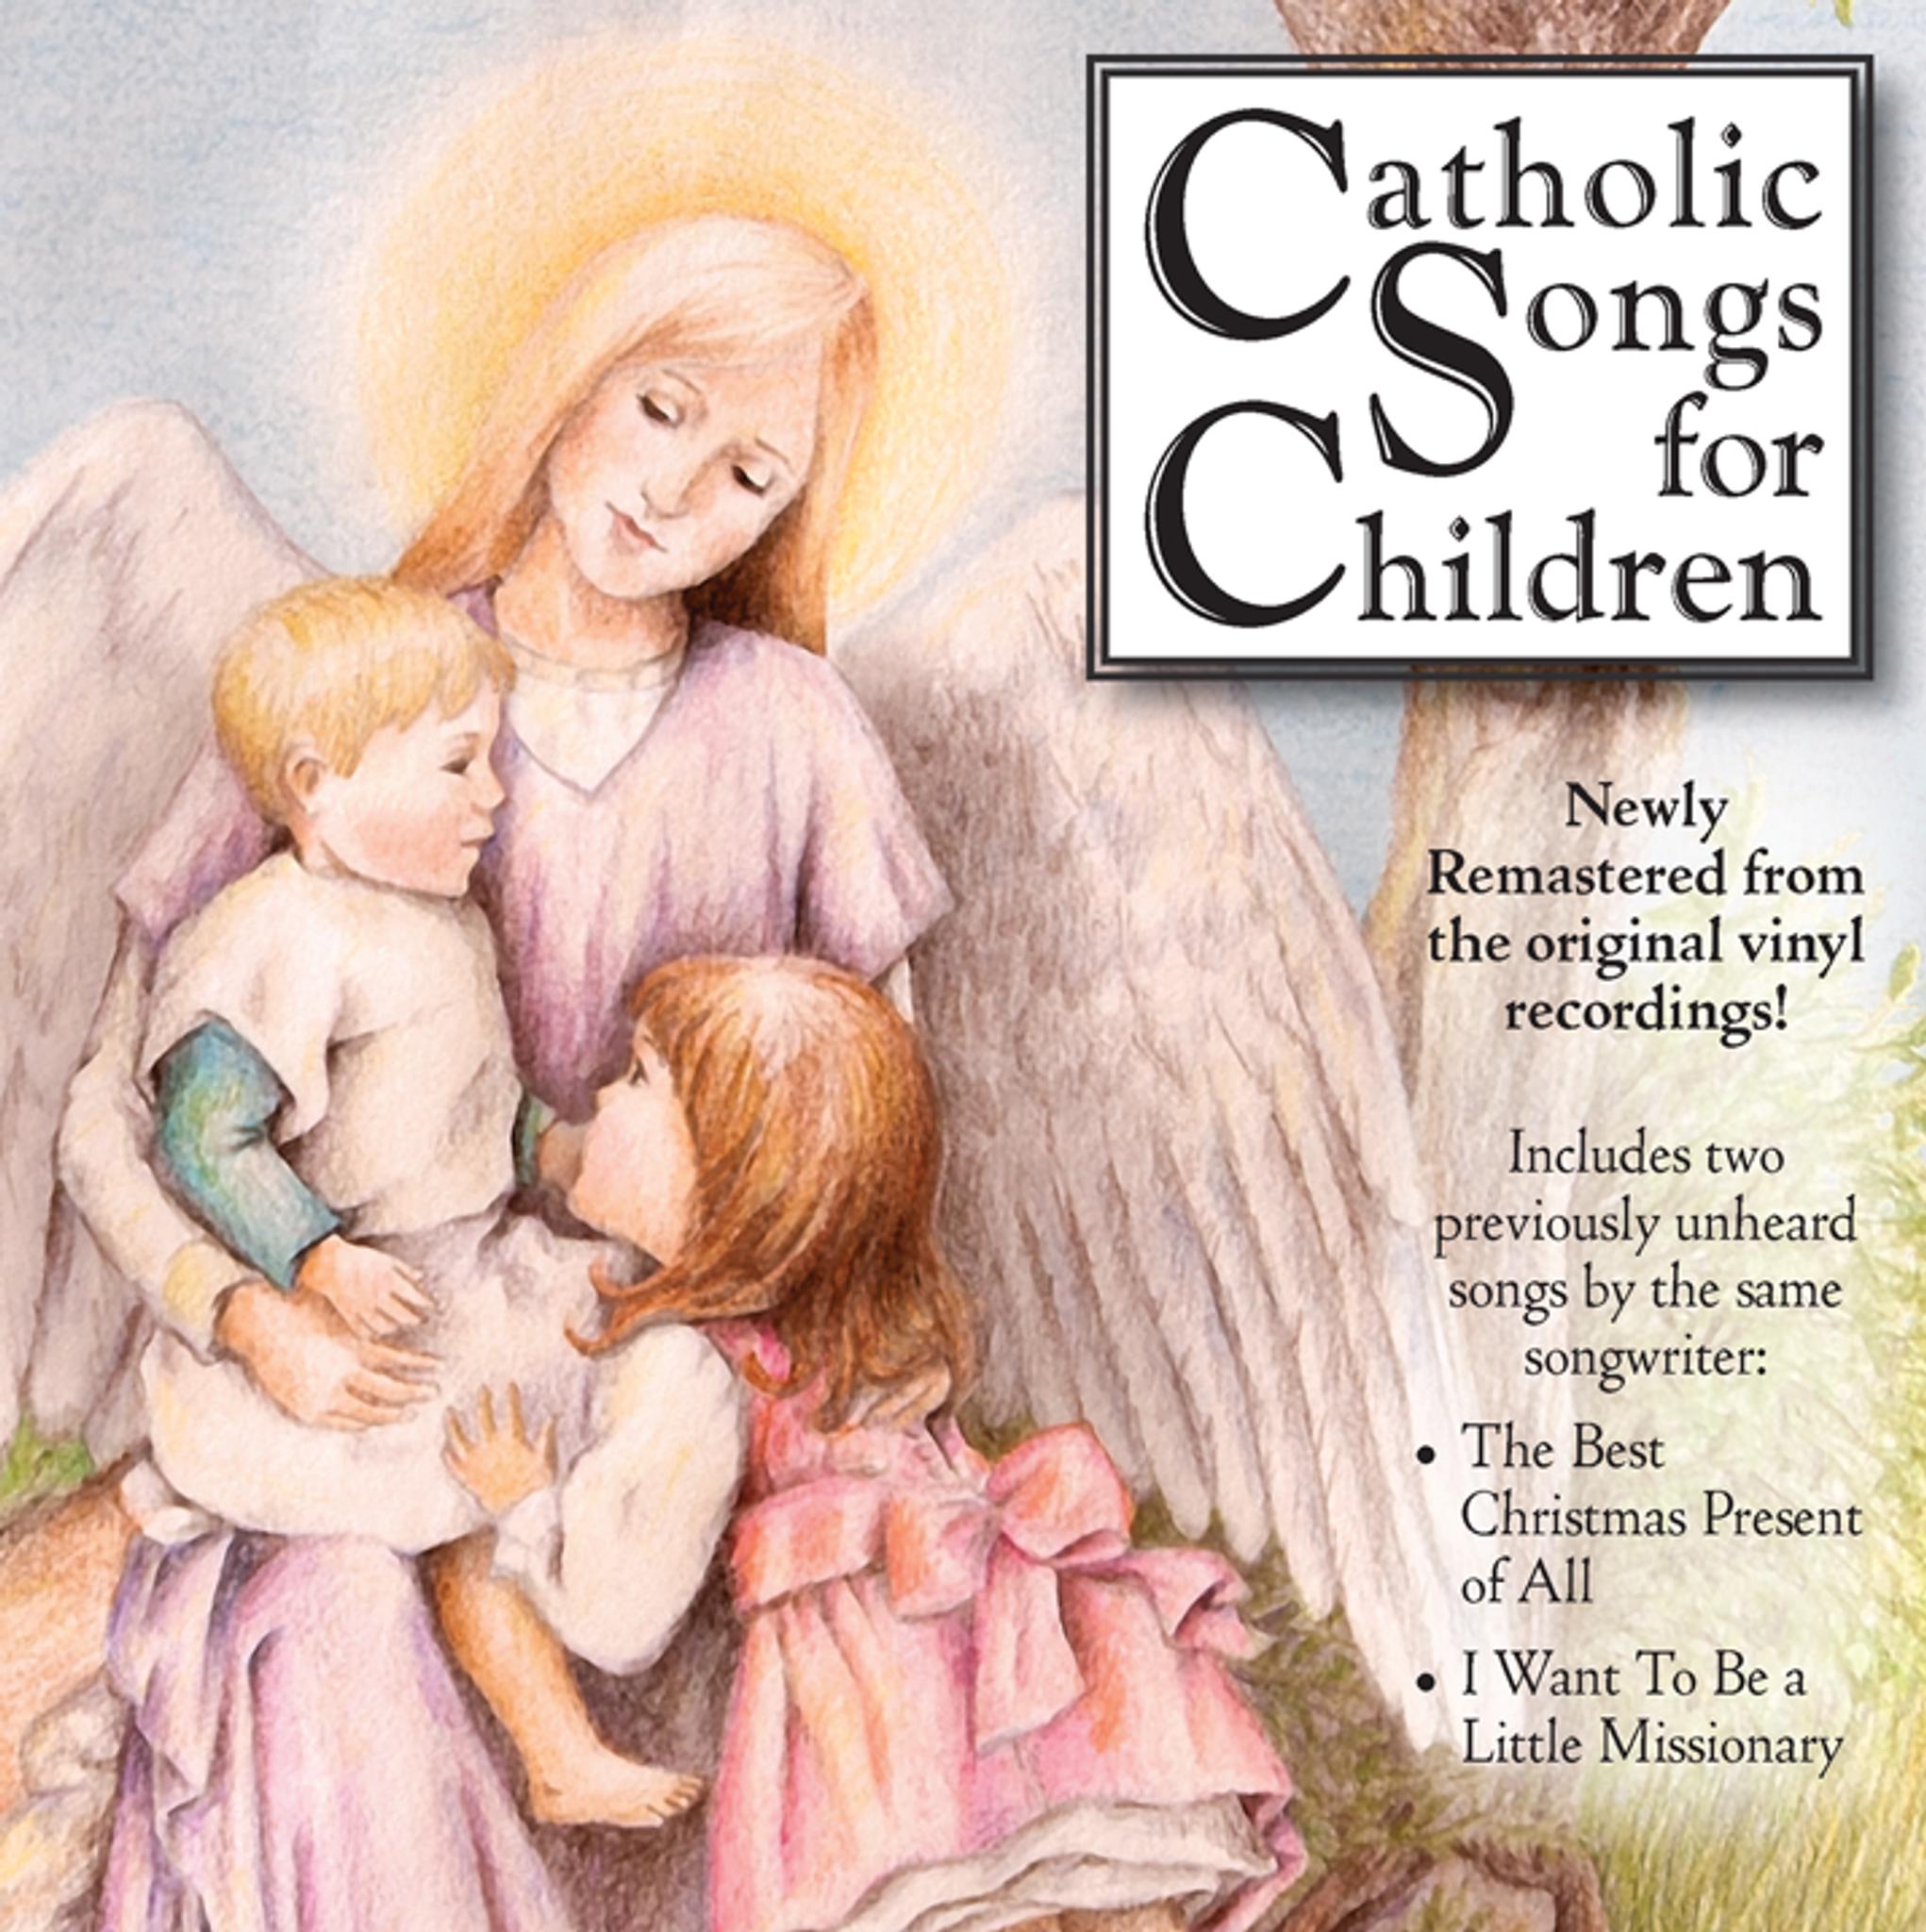 All I Want For Christmas Soulja Boy.Catholic Songs For Children Cd